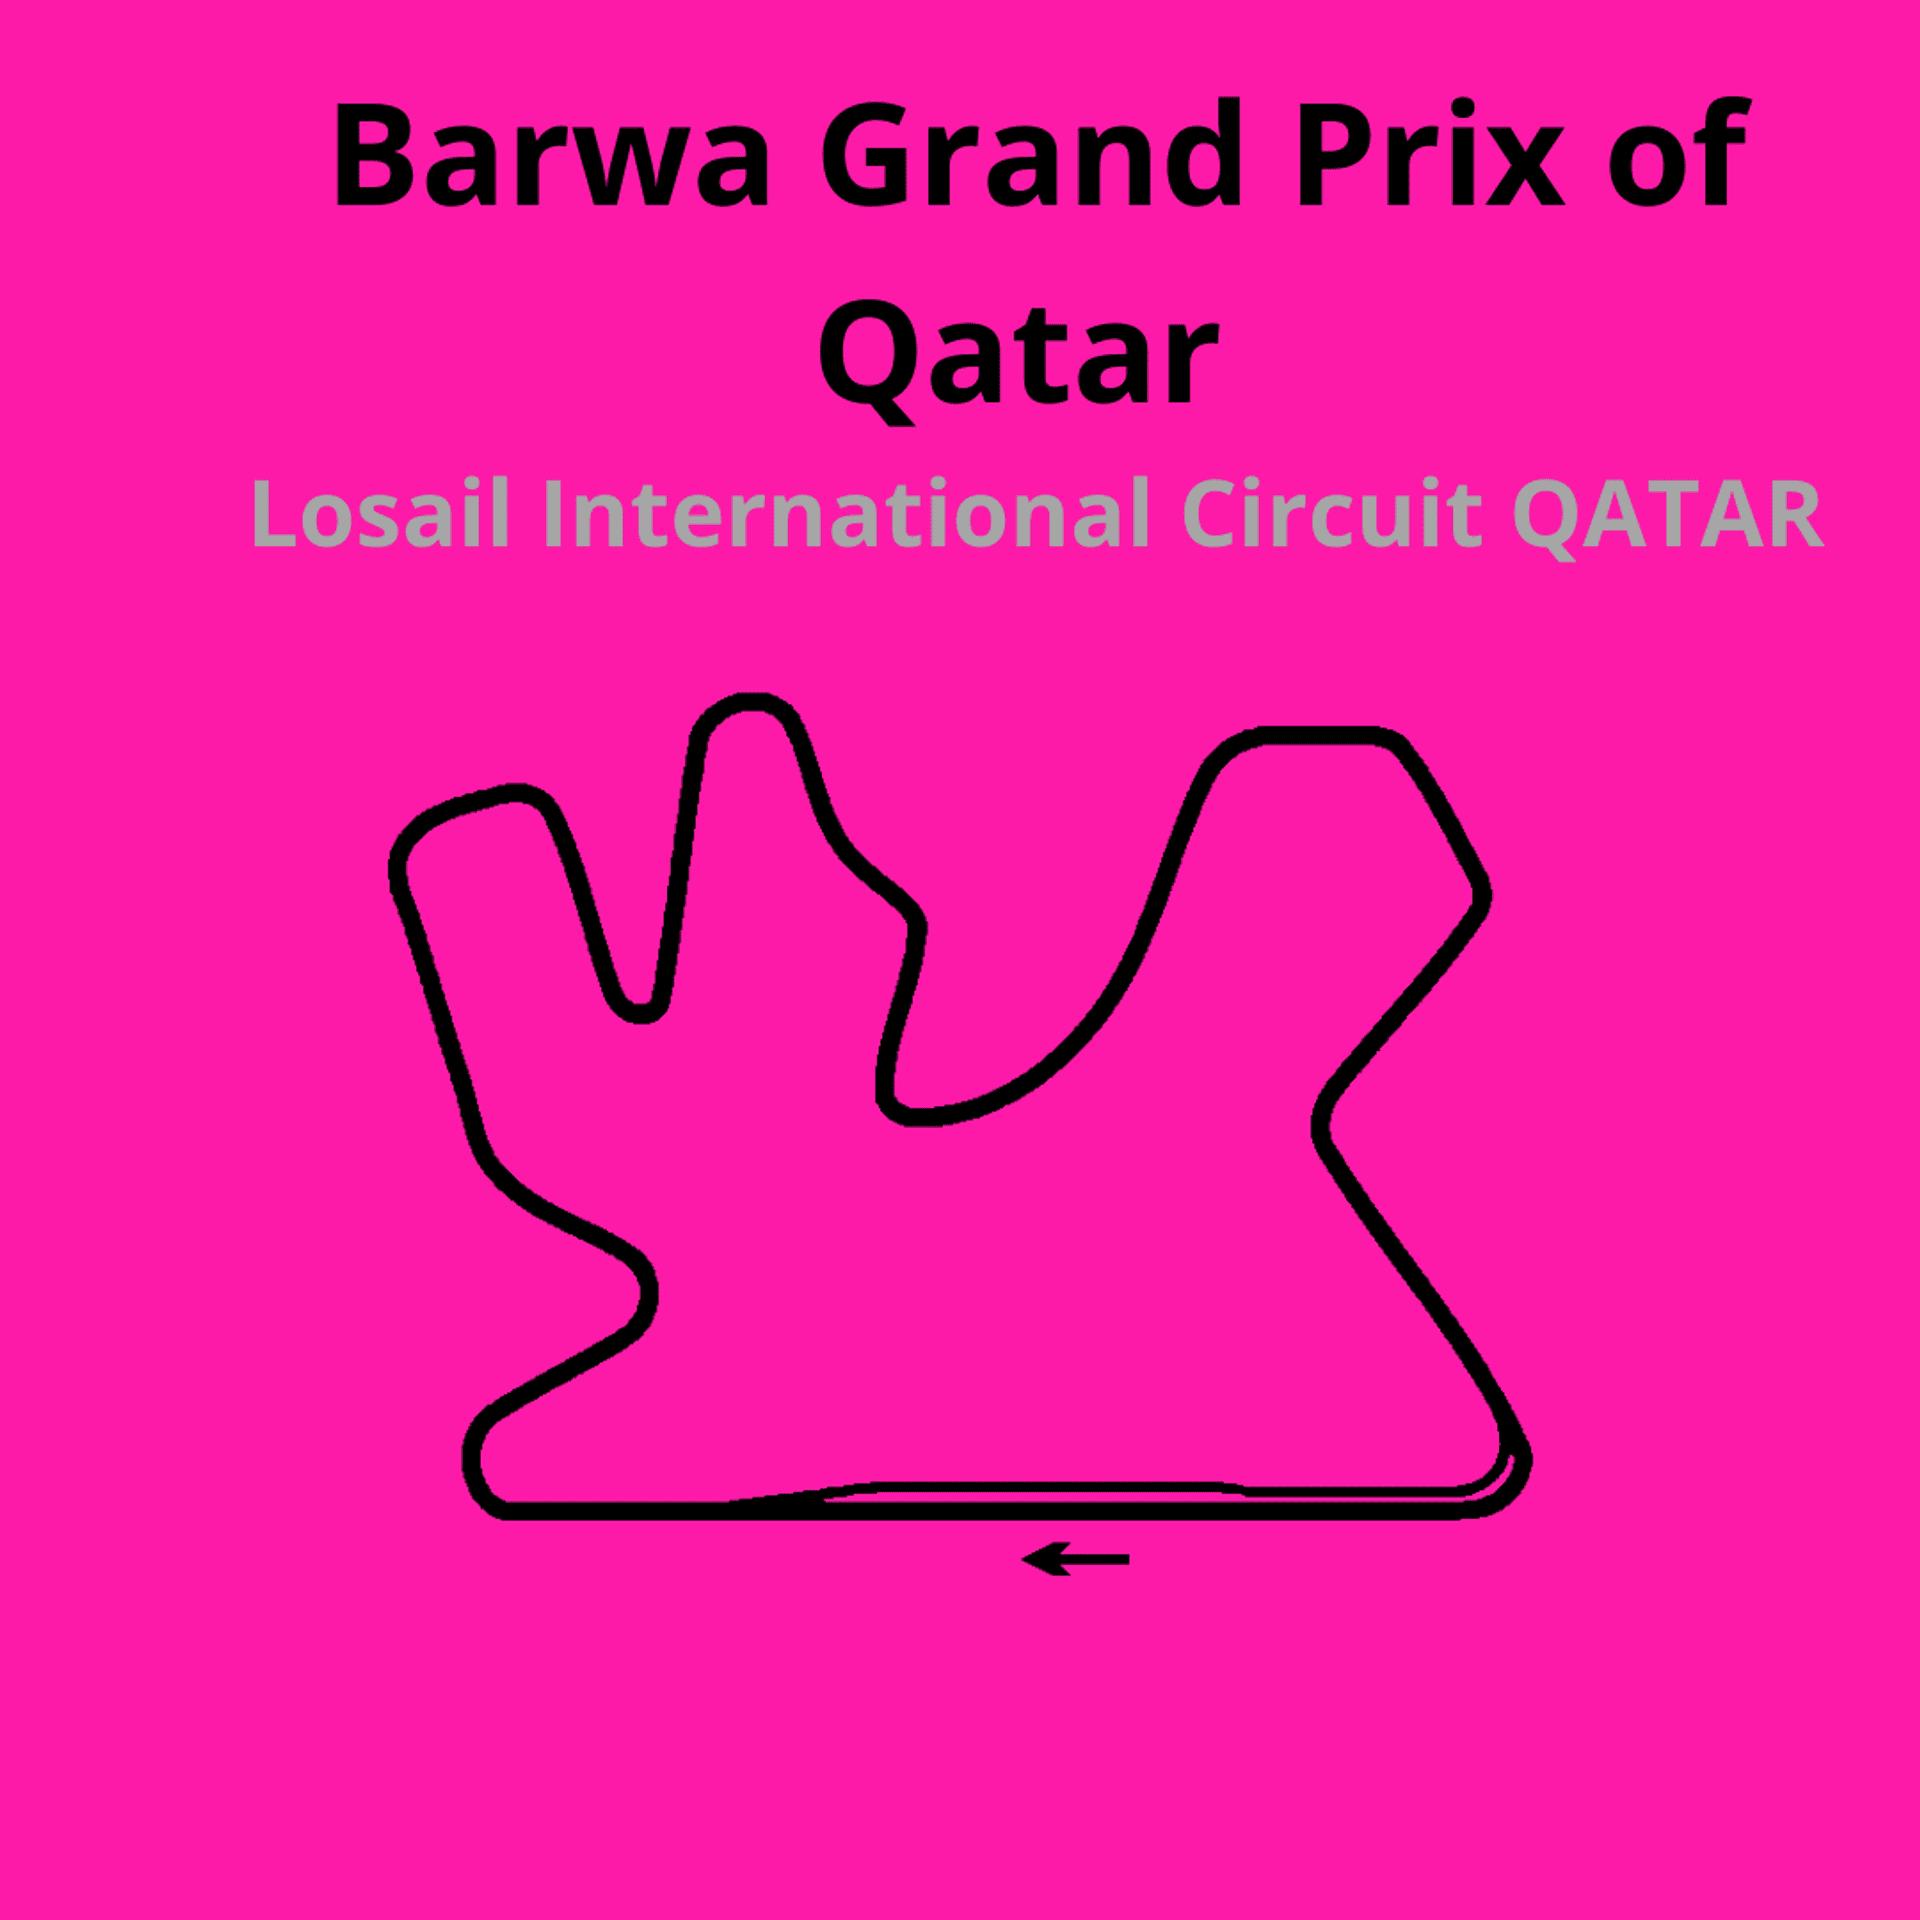 Barwa Grand Prix . Scopri tutte le gare del moto mondiale 2021.Le caratteristiche di ogni circuito, i record e difficoltà.Segui insieme a noi tutte le gare di Tony Arbolino nella sua nuova avventura in Moto2